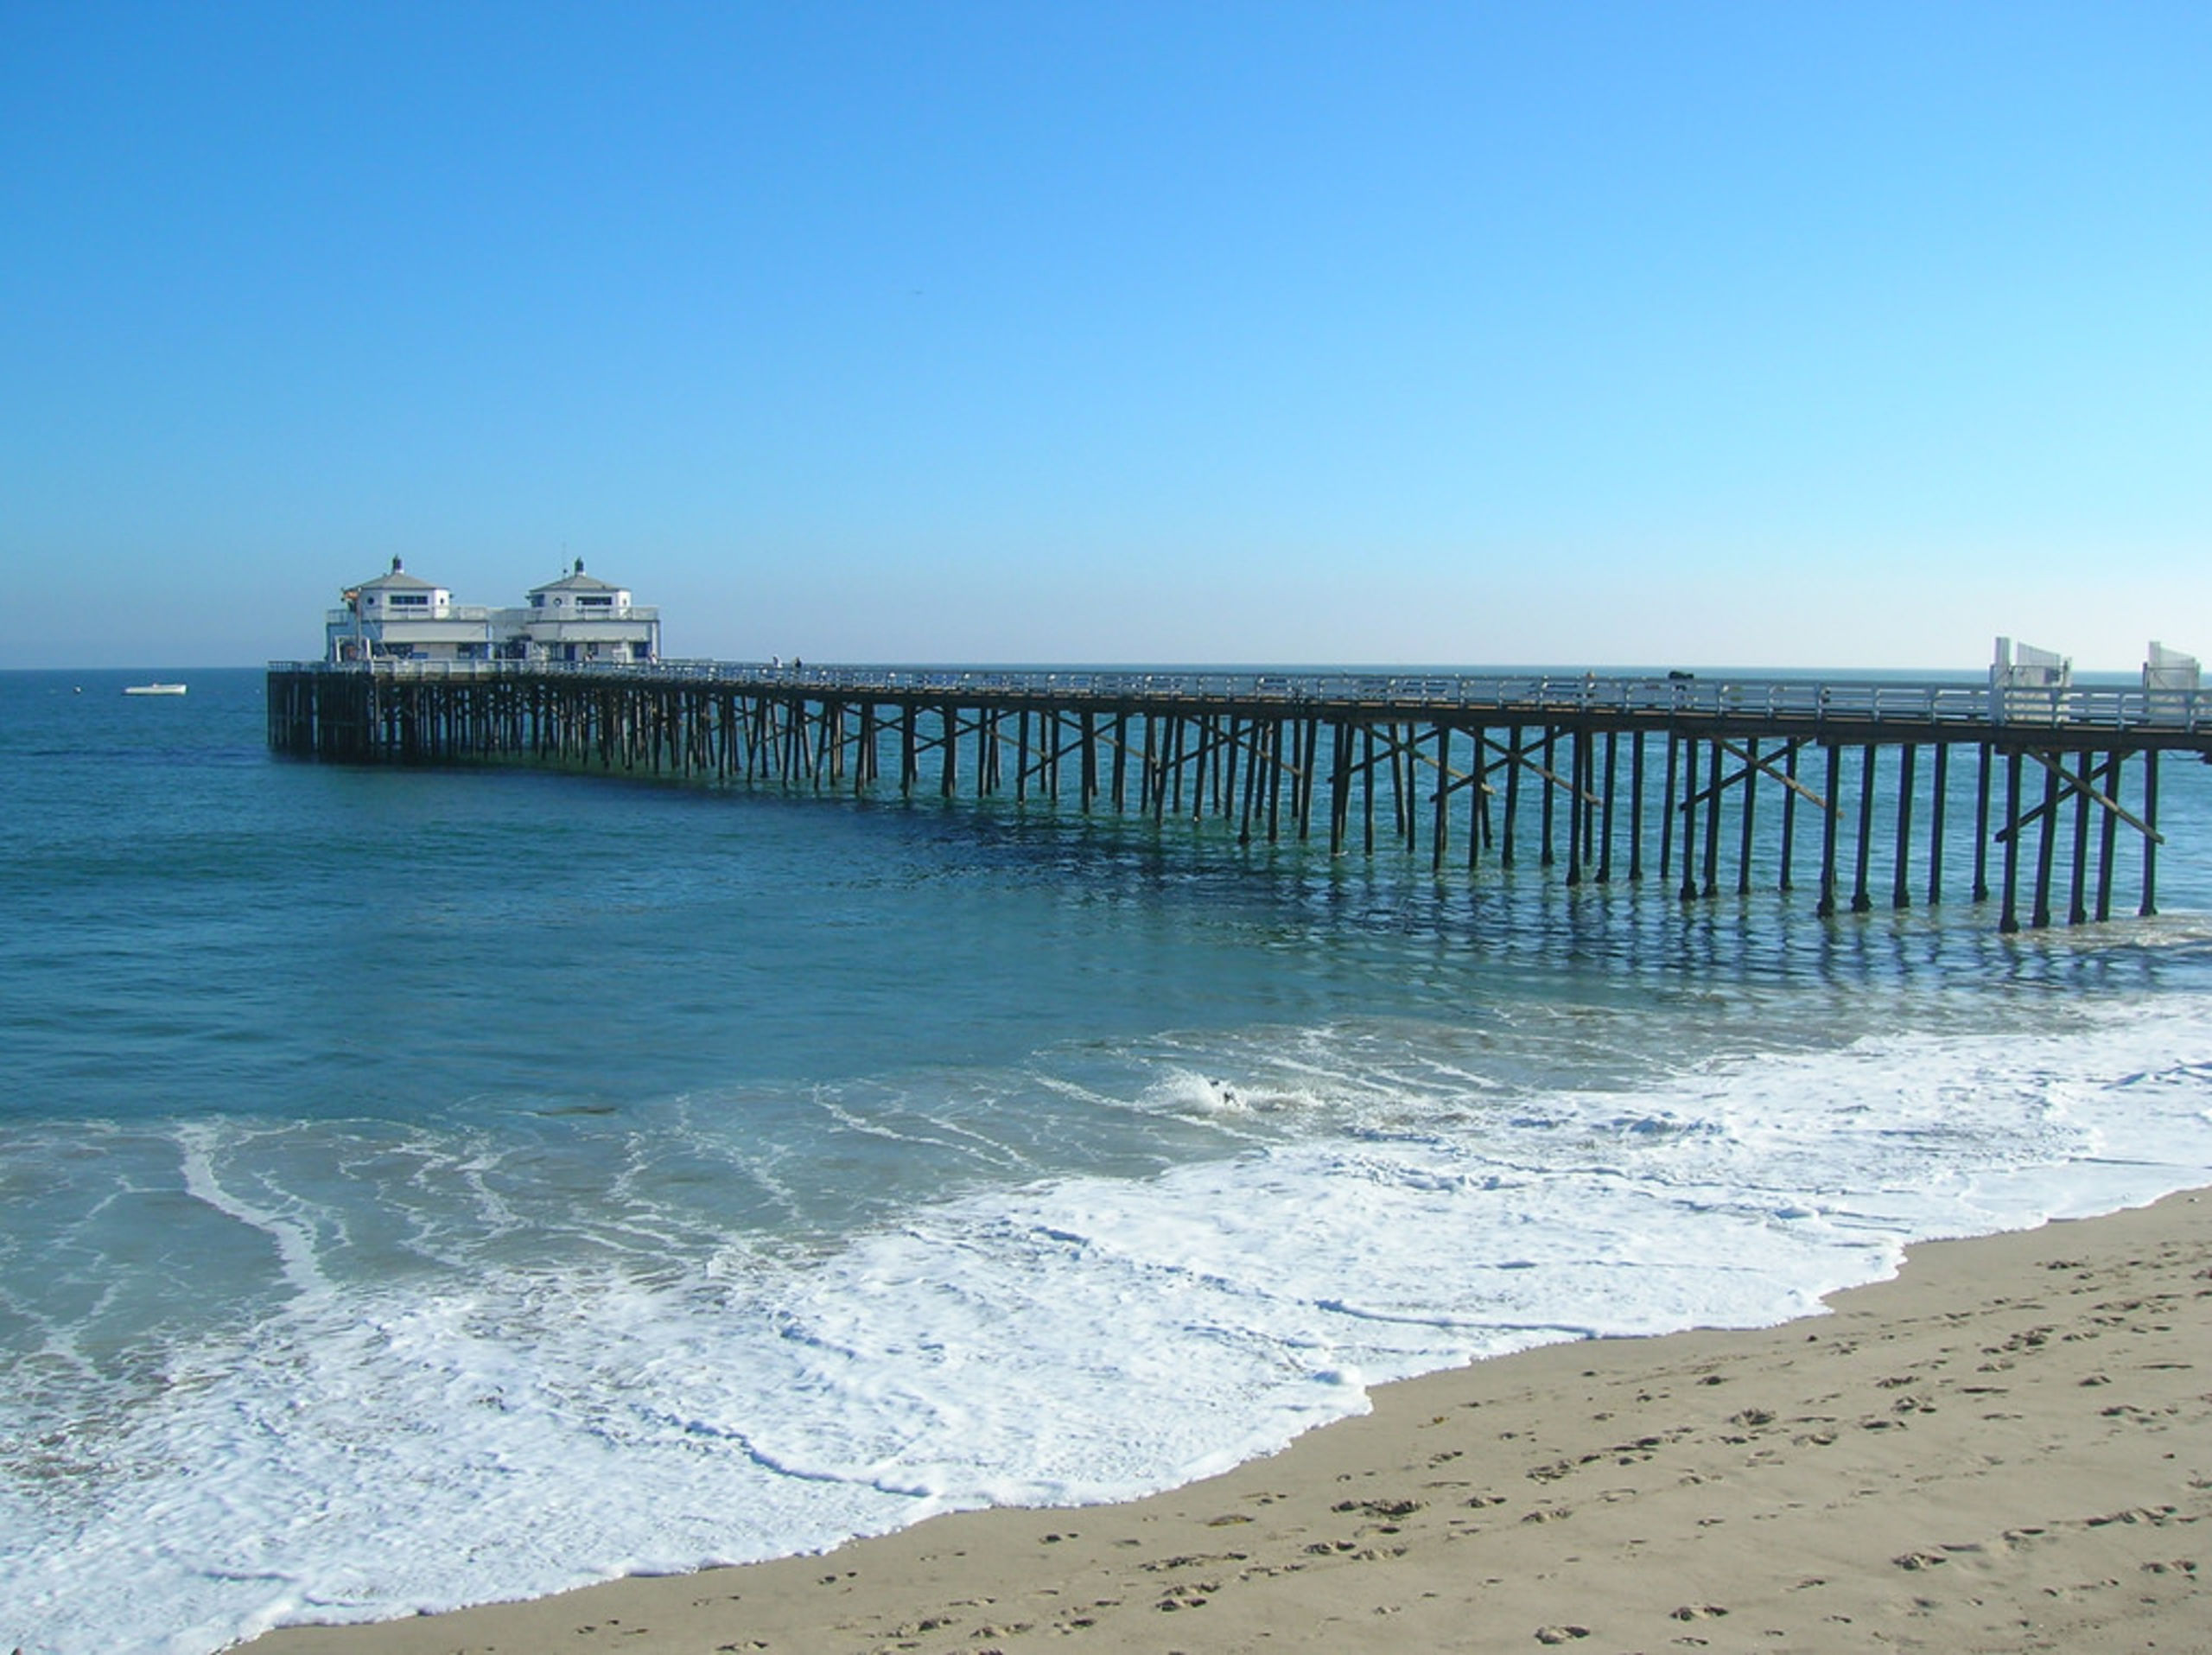 Malibu, Santa Monica, Venice